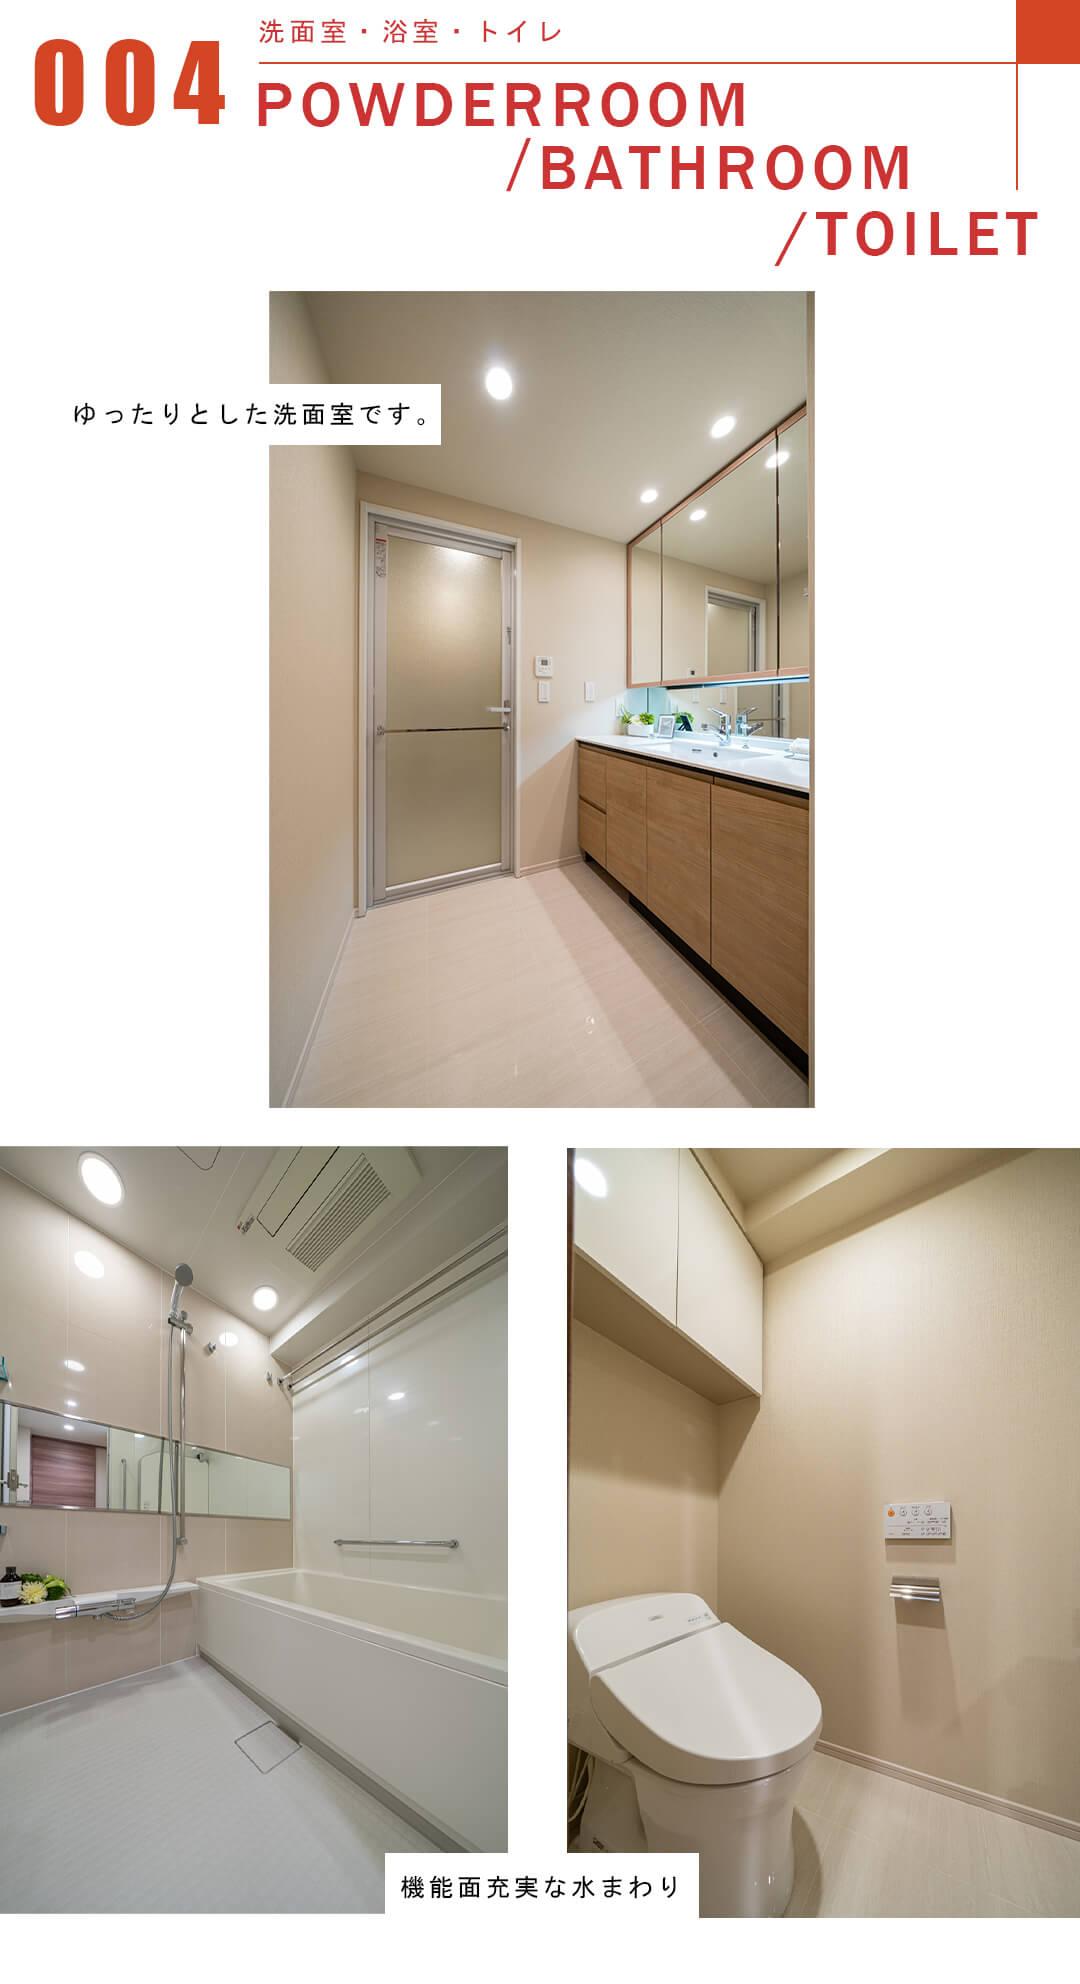 004洗面室,浴室,トイレ,POWDERROMM,BATHROOM,TOILET